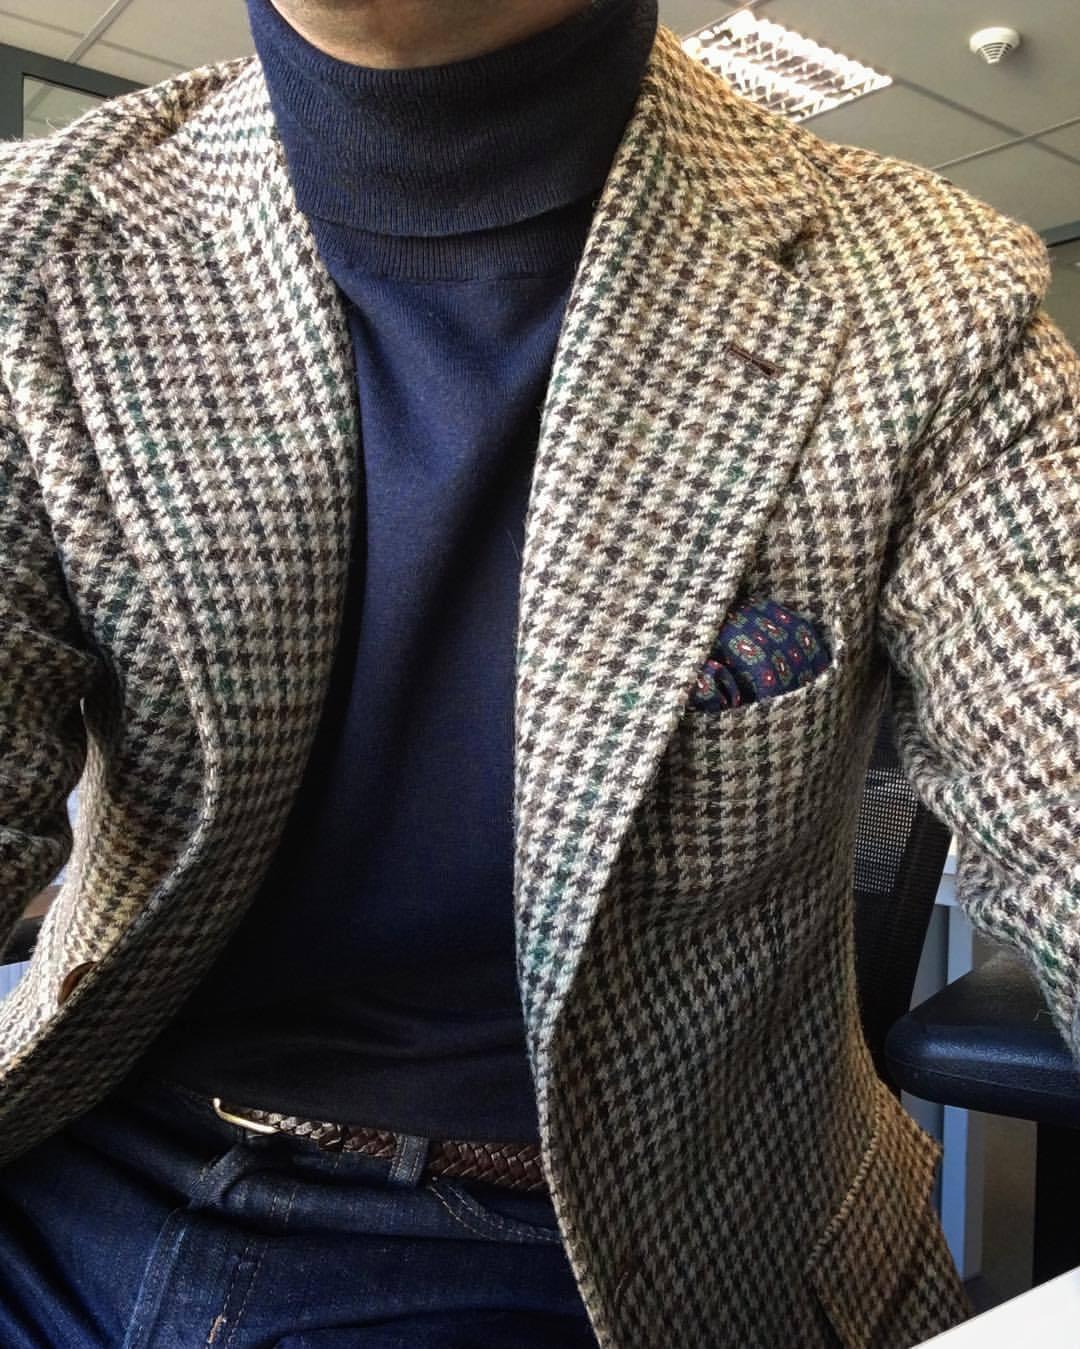 Voilà un bon exemple de la manière dont une veste en tweed peut s'intégrer à une base très casual (col roulé/jeans/ceinture tressée). On peut même se permettre le luxe d'ajouter une pochette.